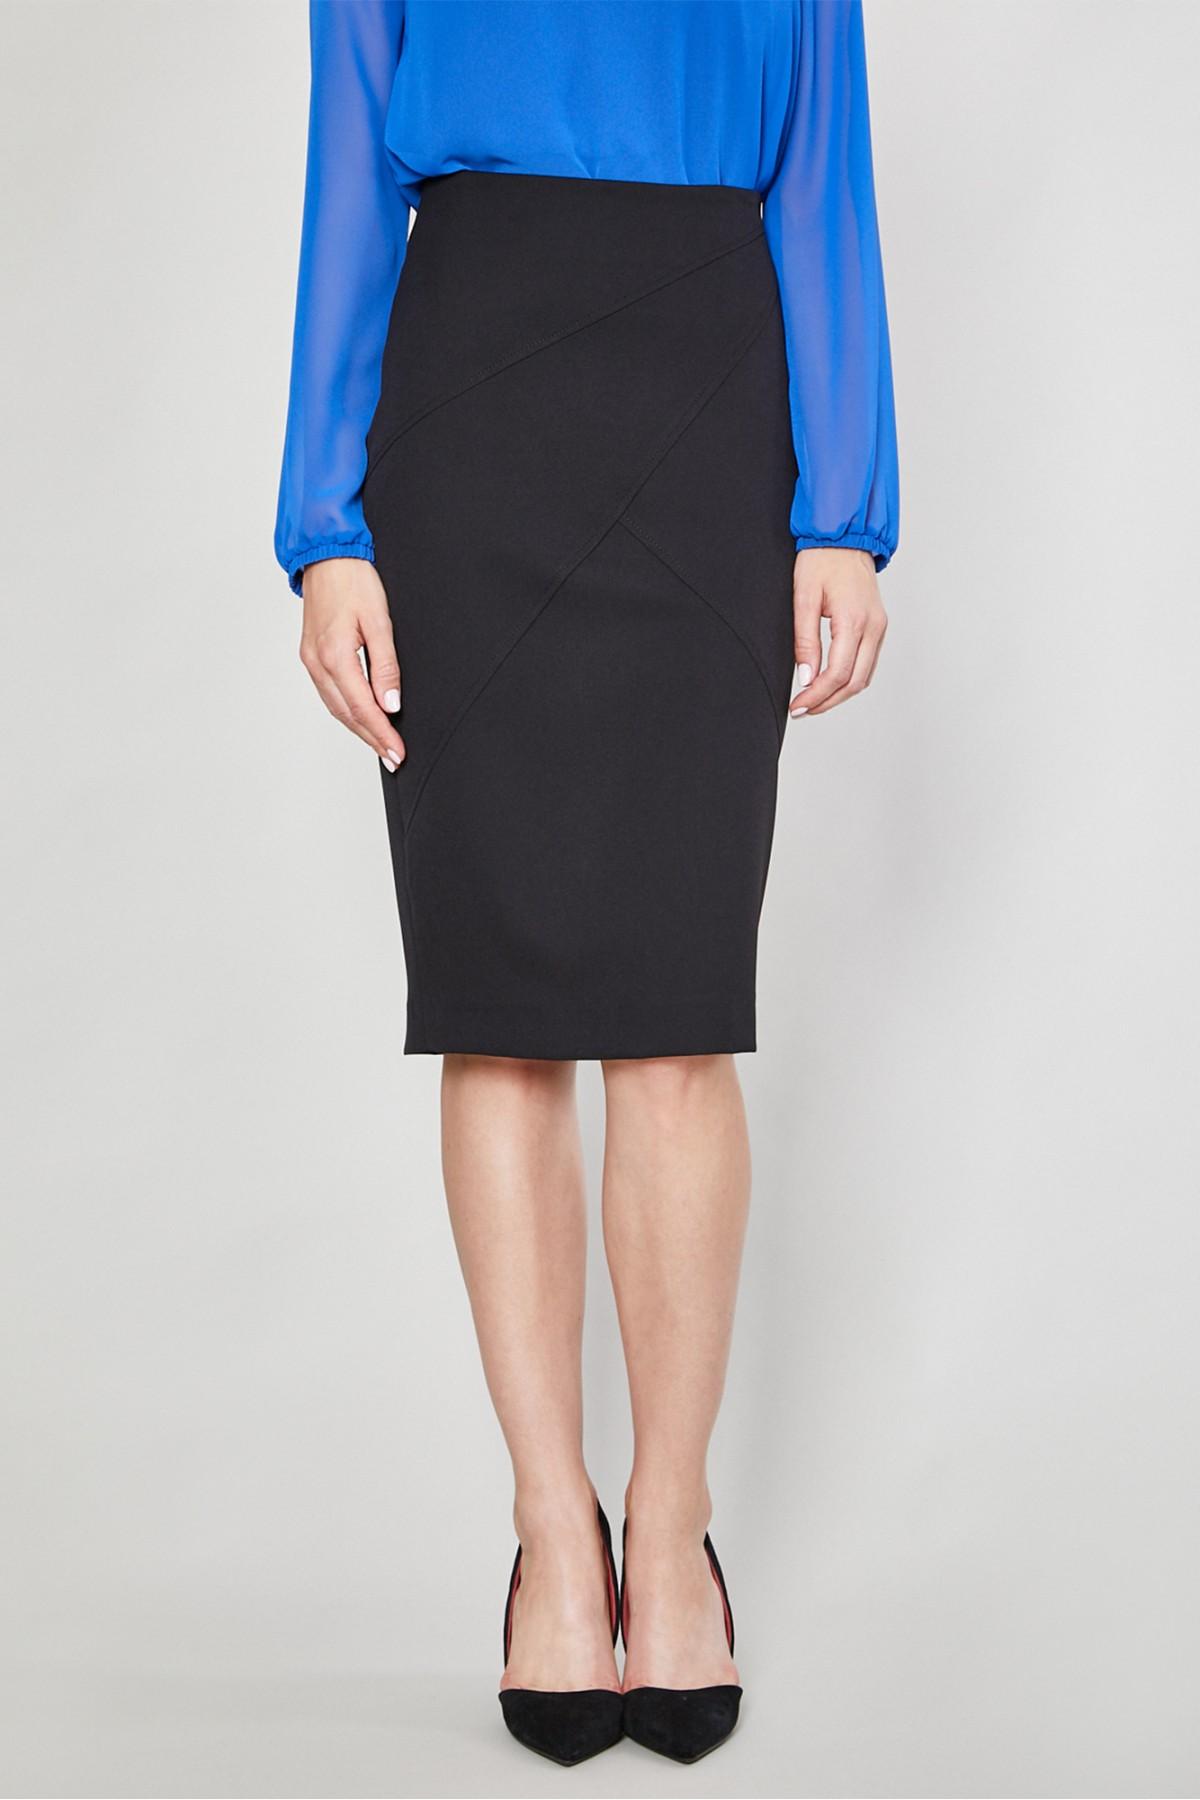 22a8afdfaae820 Jaka spódnica do pracy w biurze? - Blog o modzie, urodzie i stylu